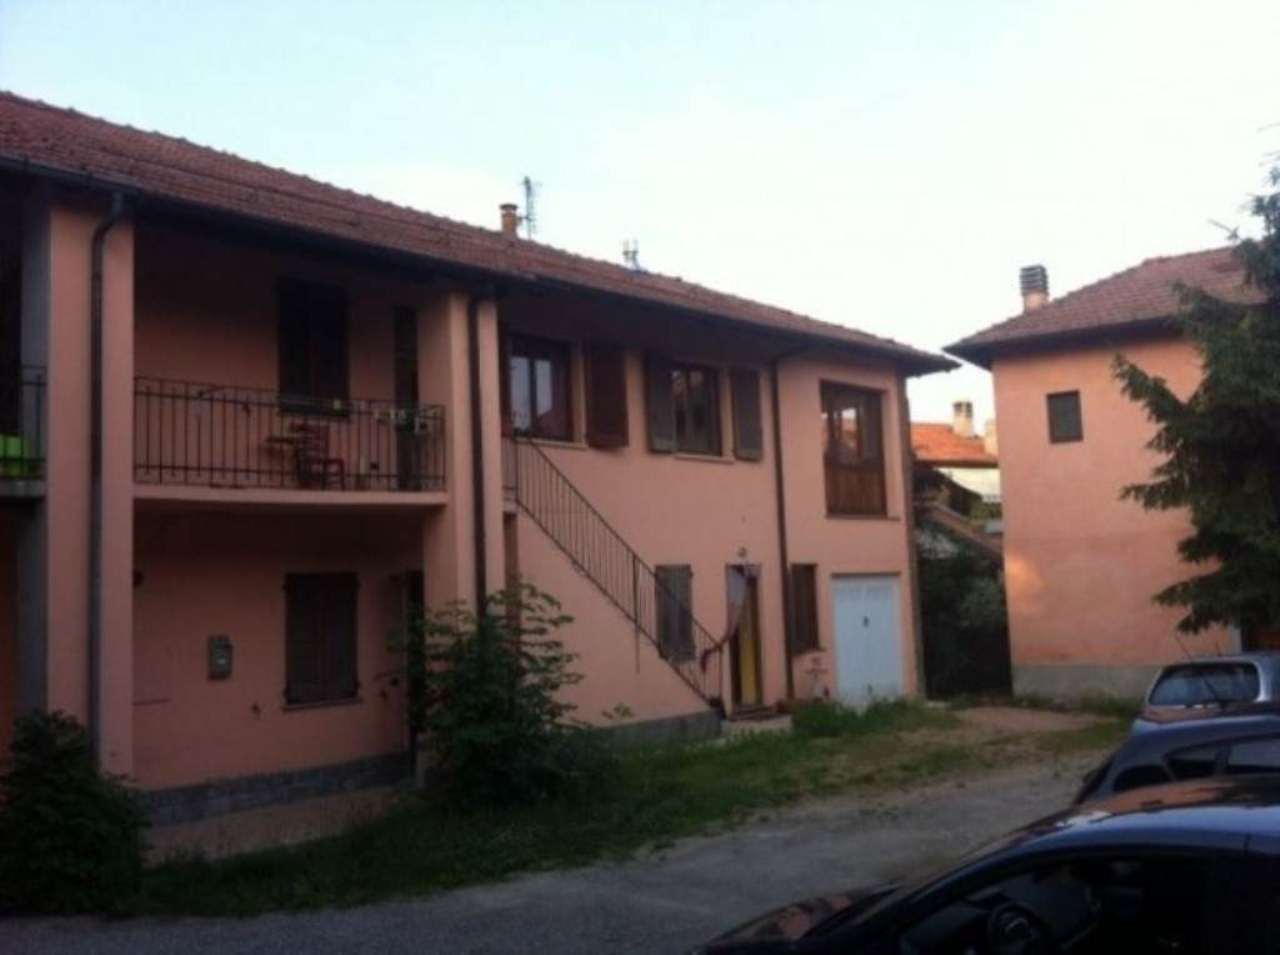 Soluzione Semindipendente in vendita a Biandronno, 4 locali, prezzo € 135.000   Cambio Casa.it